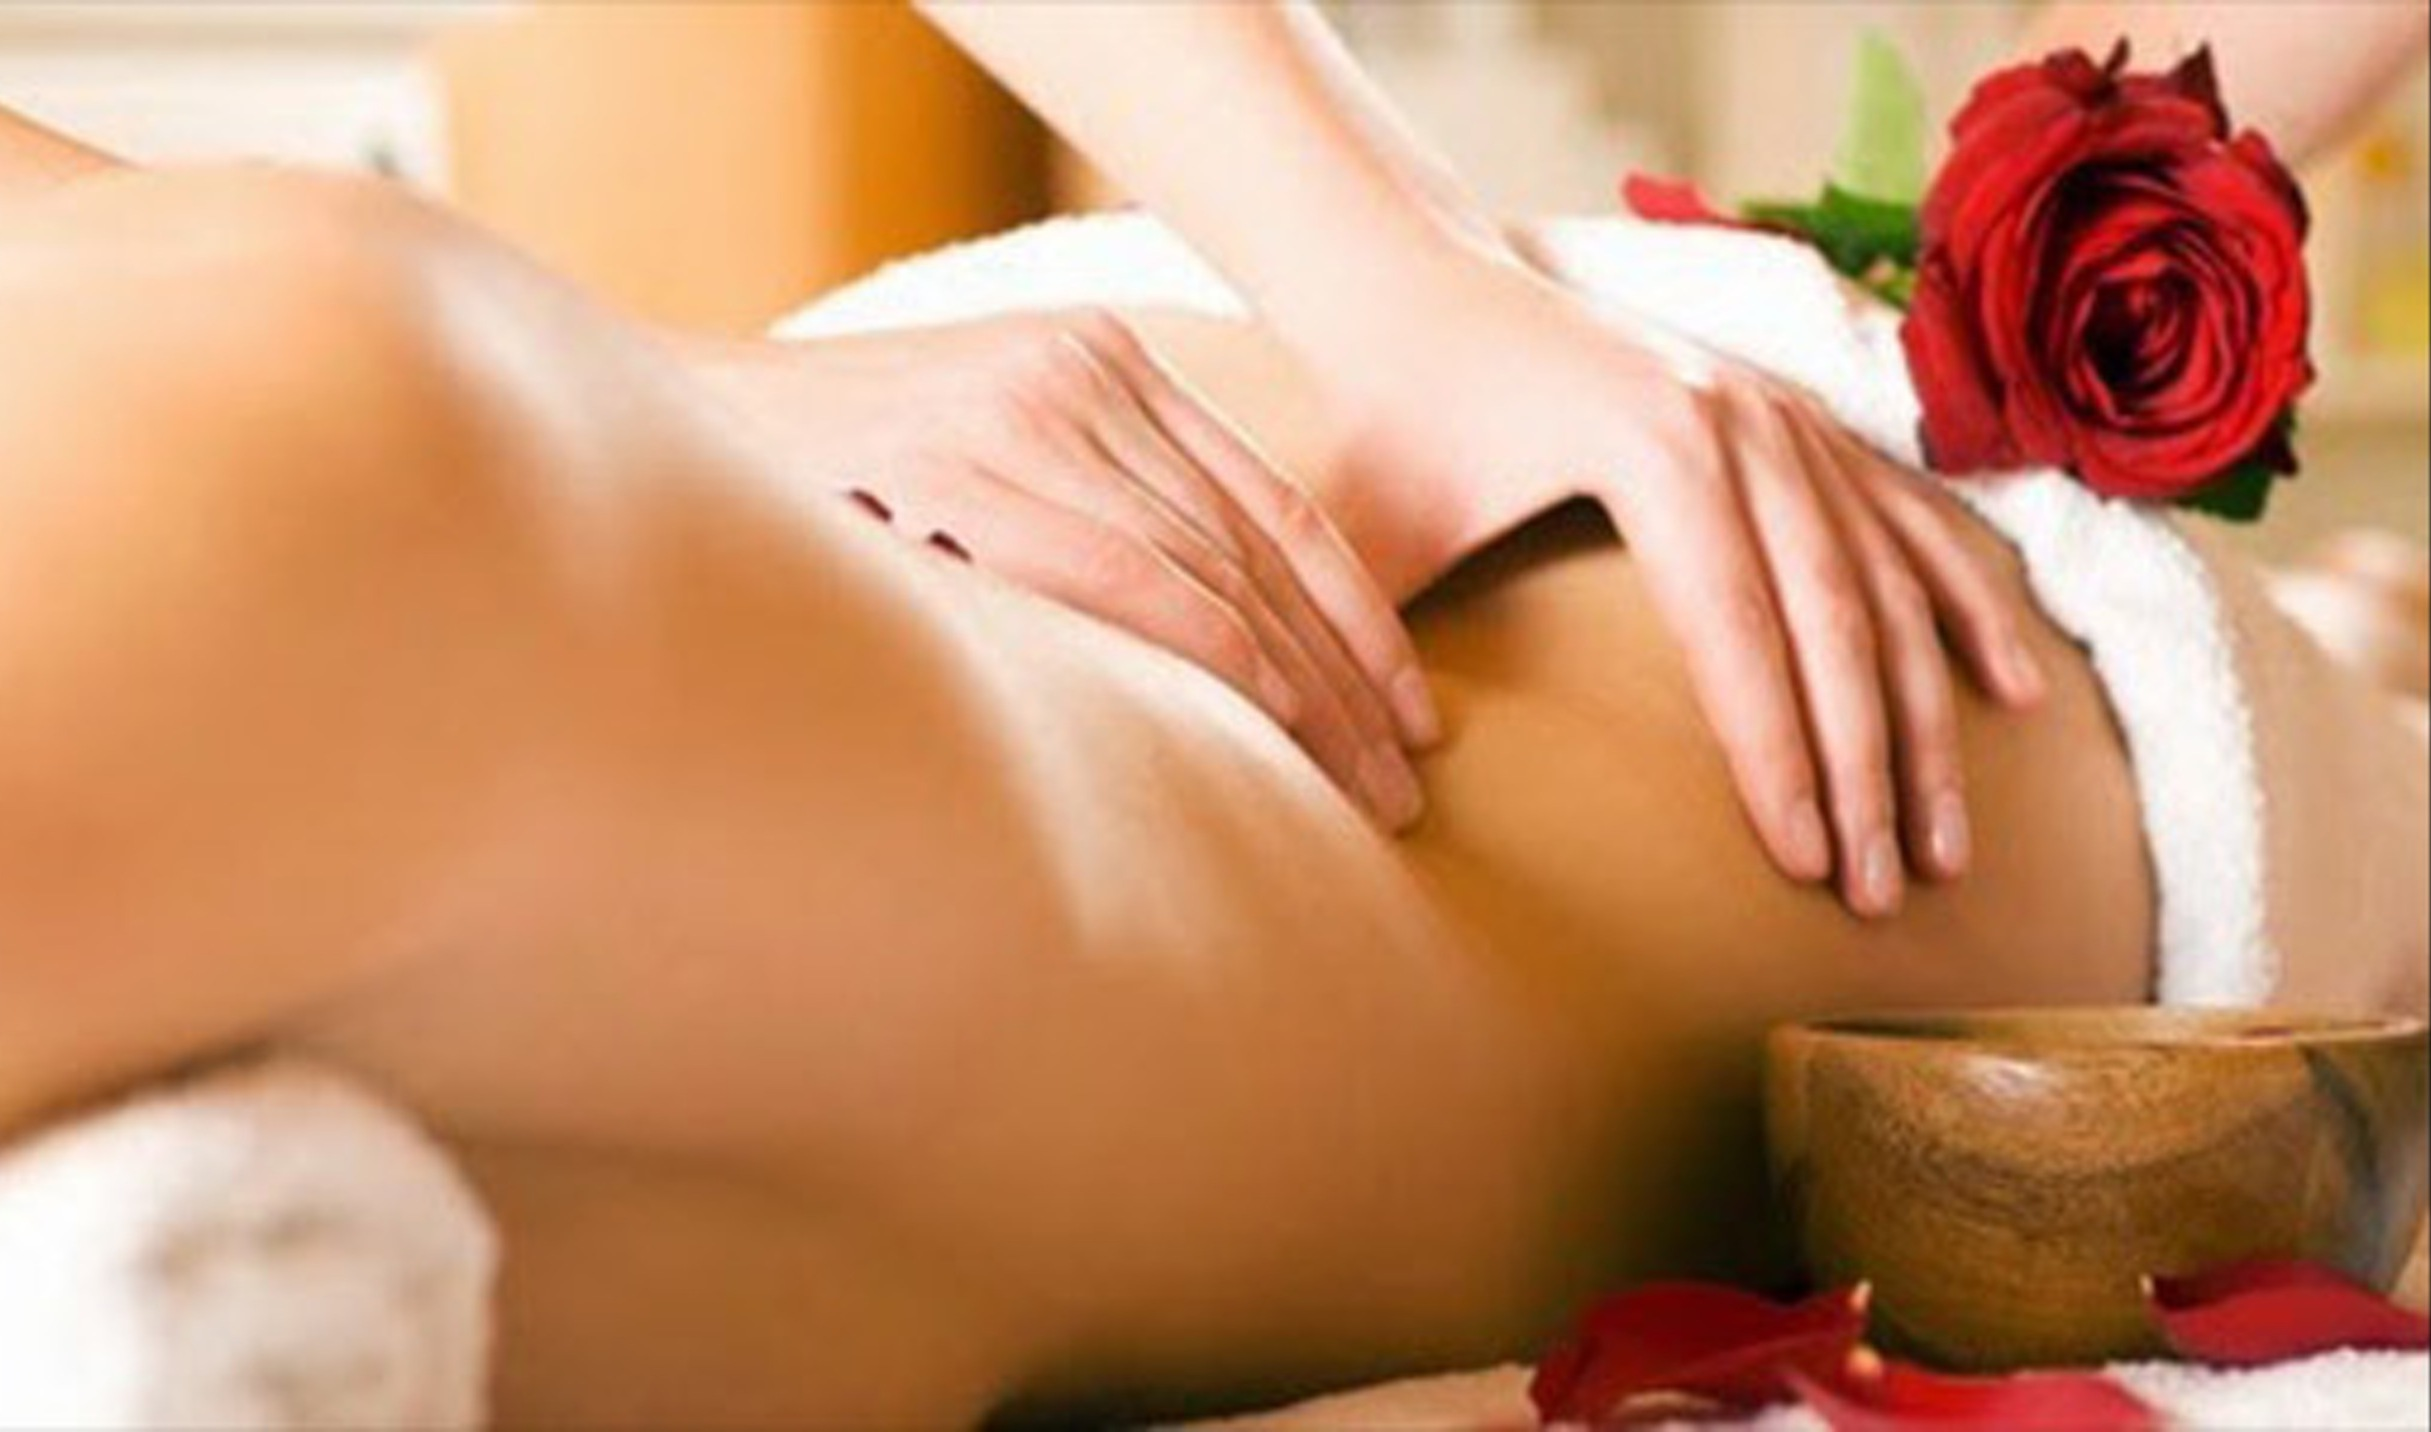 Massaggio erotico: Le zone erogene della donna